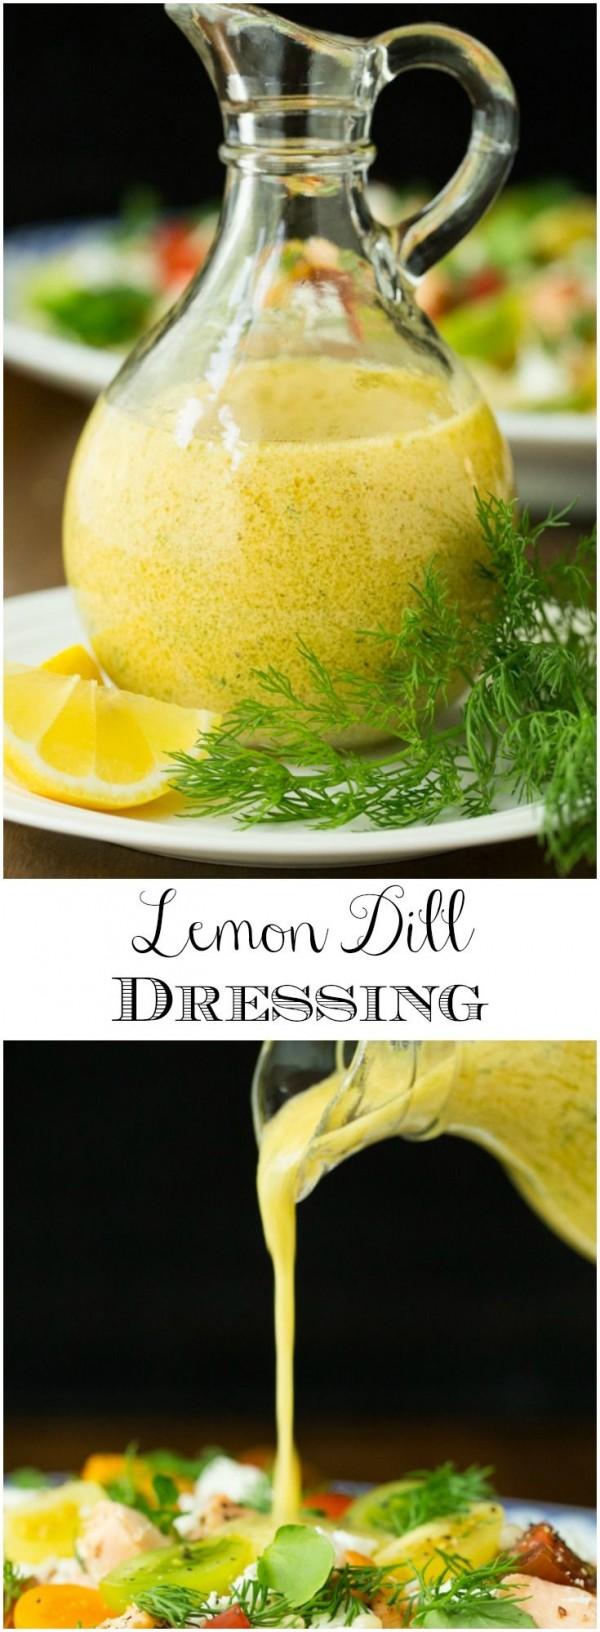 Get the recipe Lemon Dill Dressing @recipes_to_go